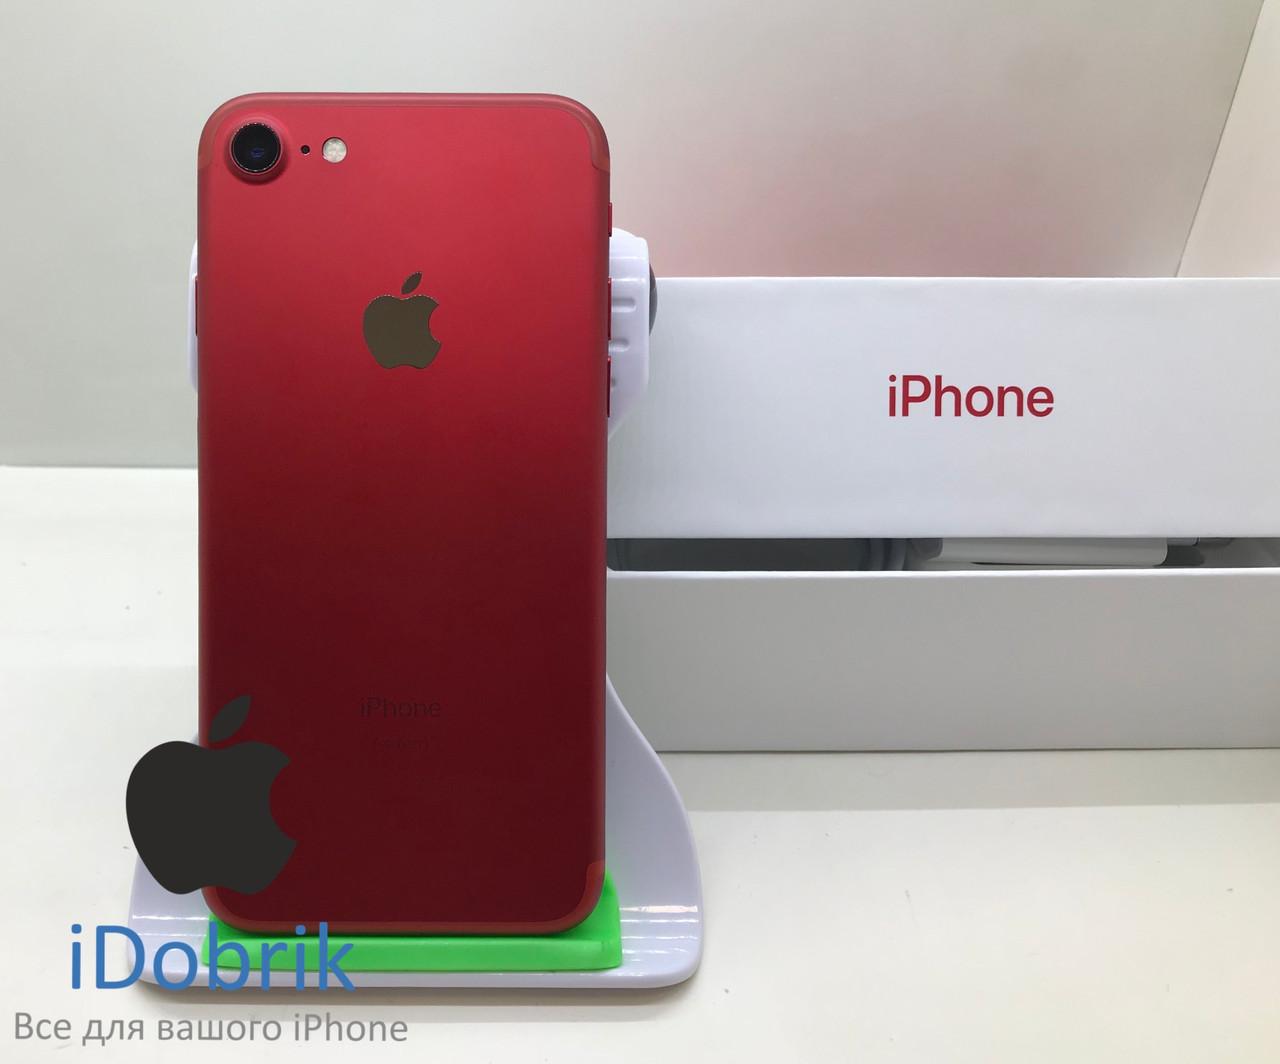 Б/У iPhone 7 128gb RED Neverlock 10/10